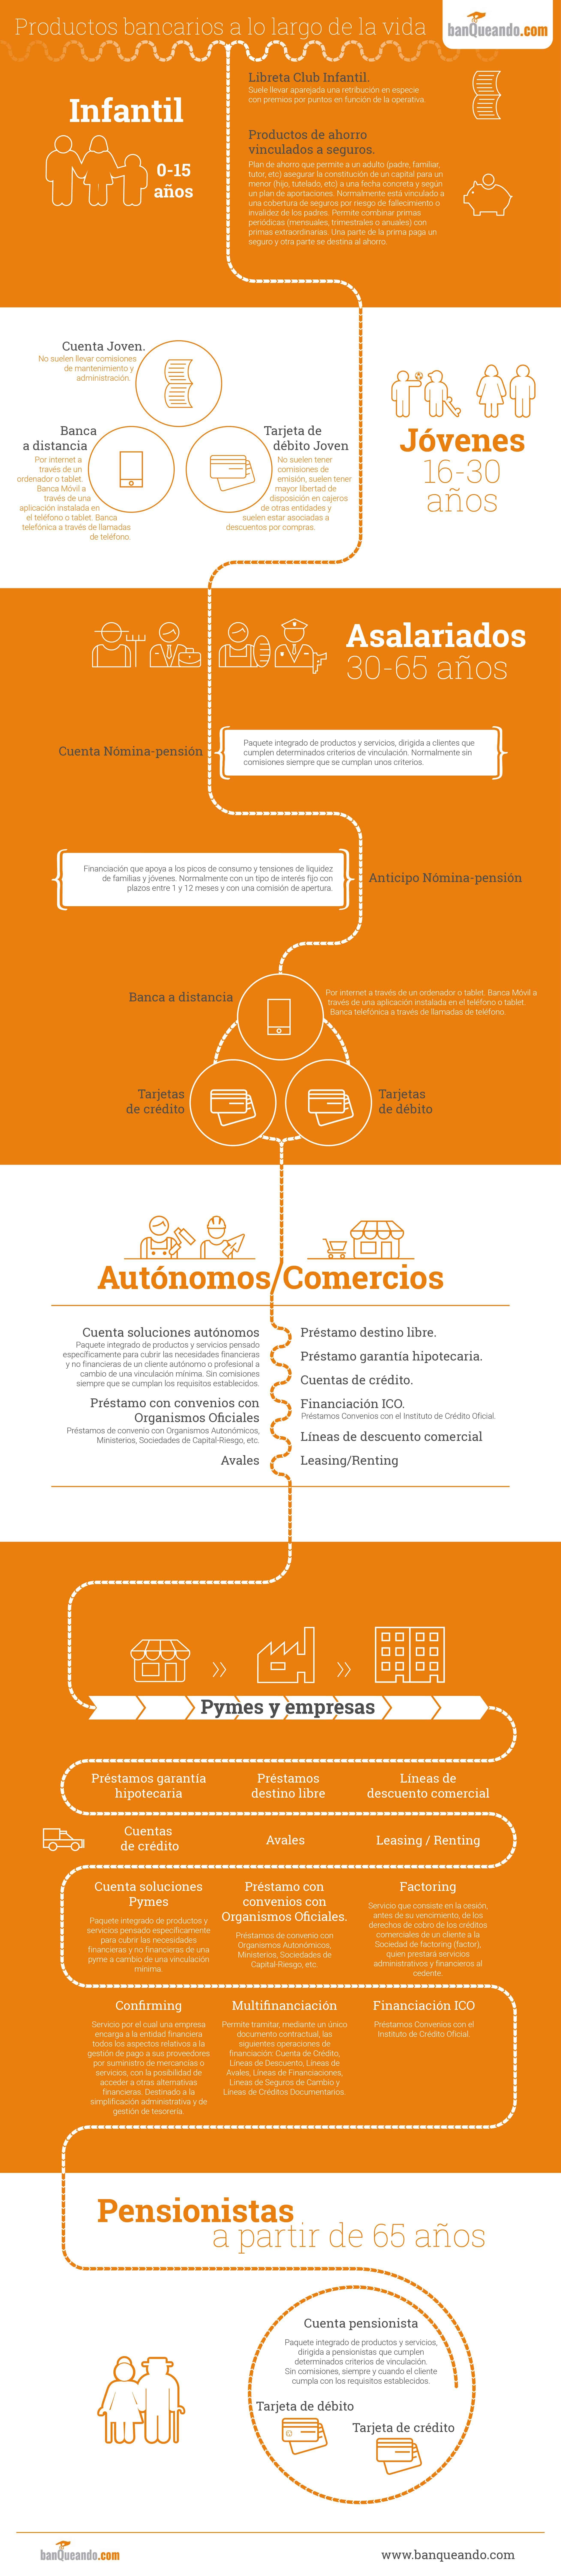 Cómo evolucionan los productos bancarios a lo largo de la vida